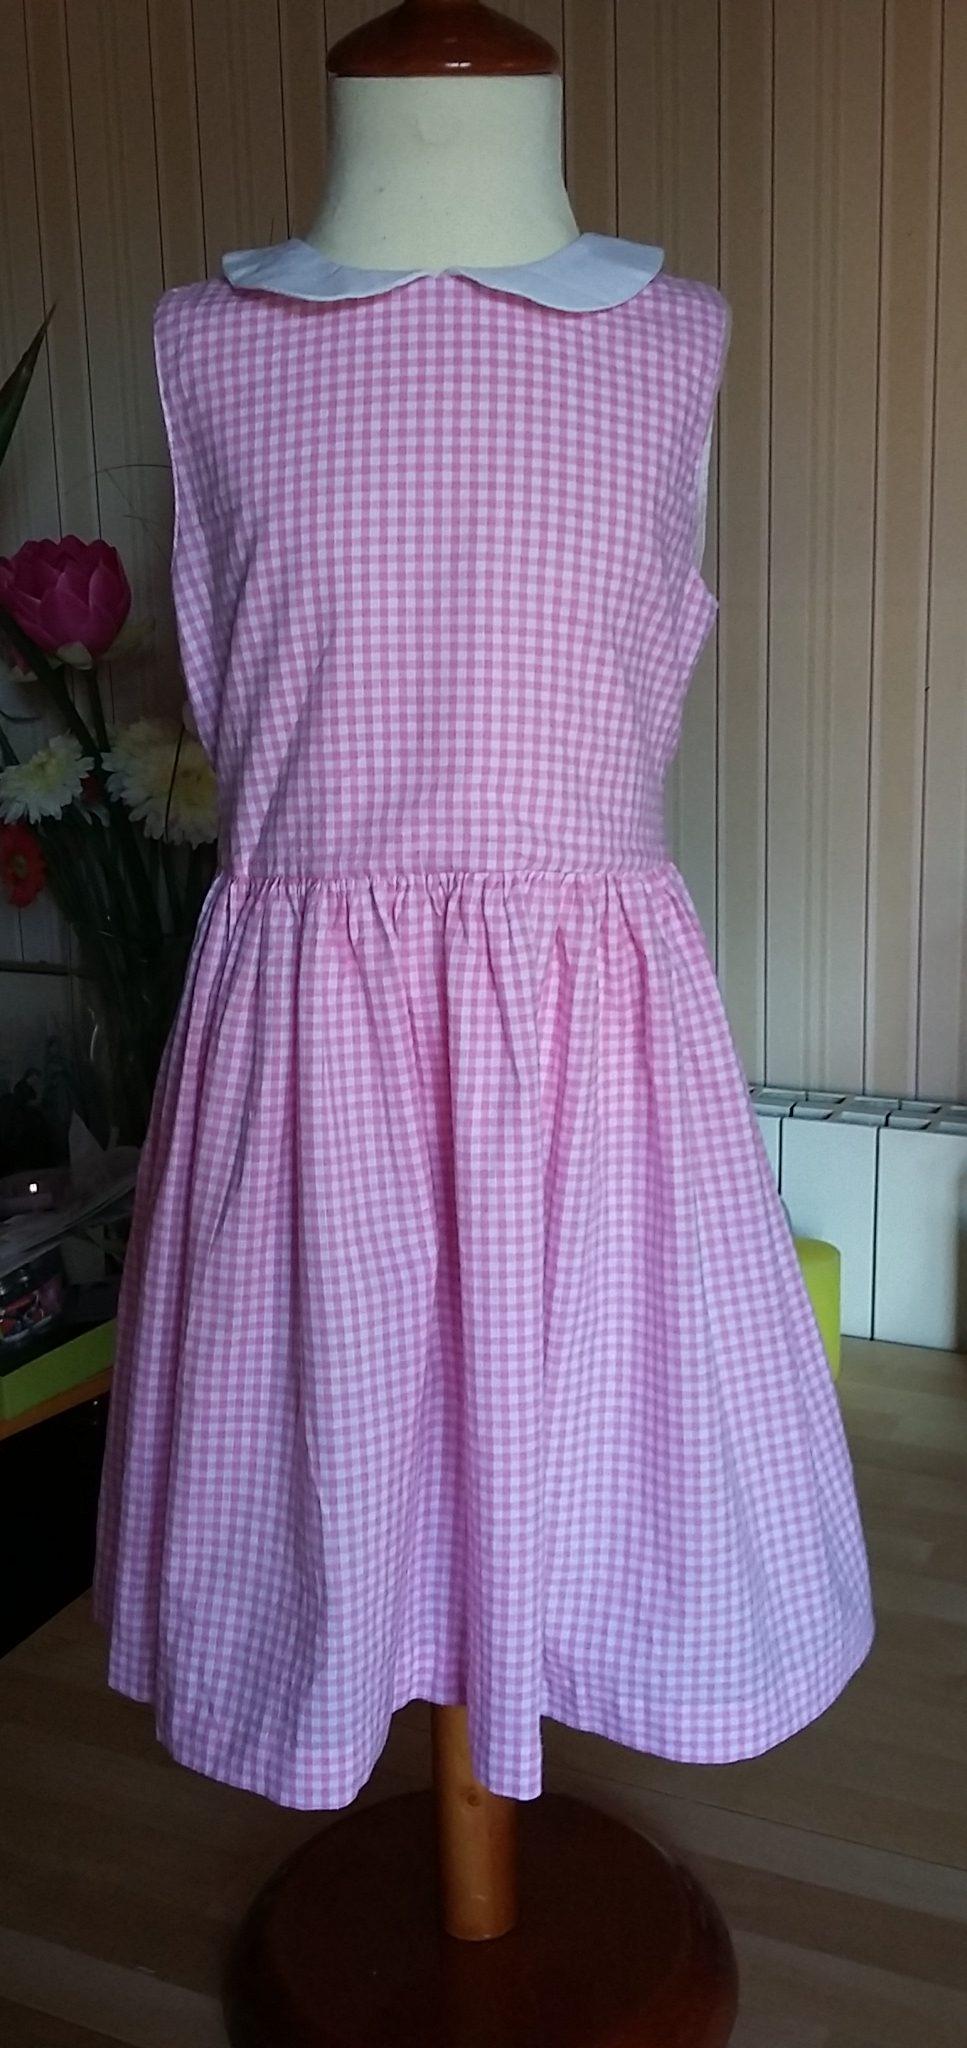 Robe 100% coton en vichy rose. Taille 4 ans. Col contrastant en piqué de coton blanc. Ceinture en coton blanc également. Petits boutons roses.